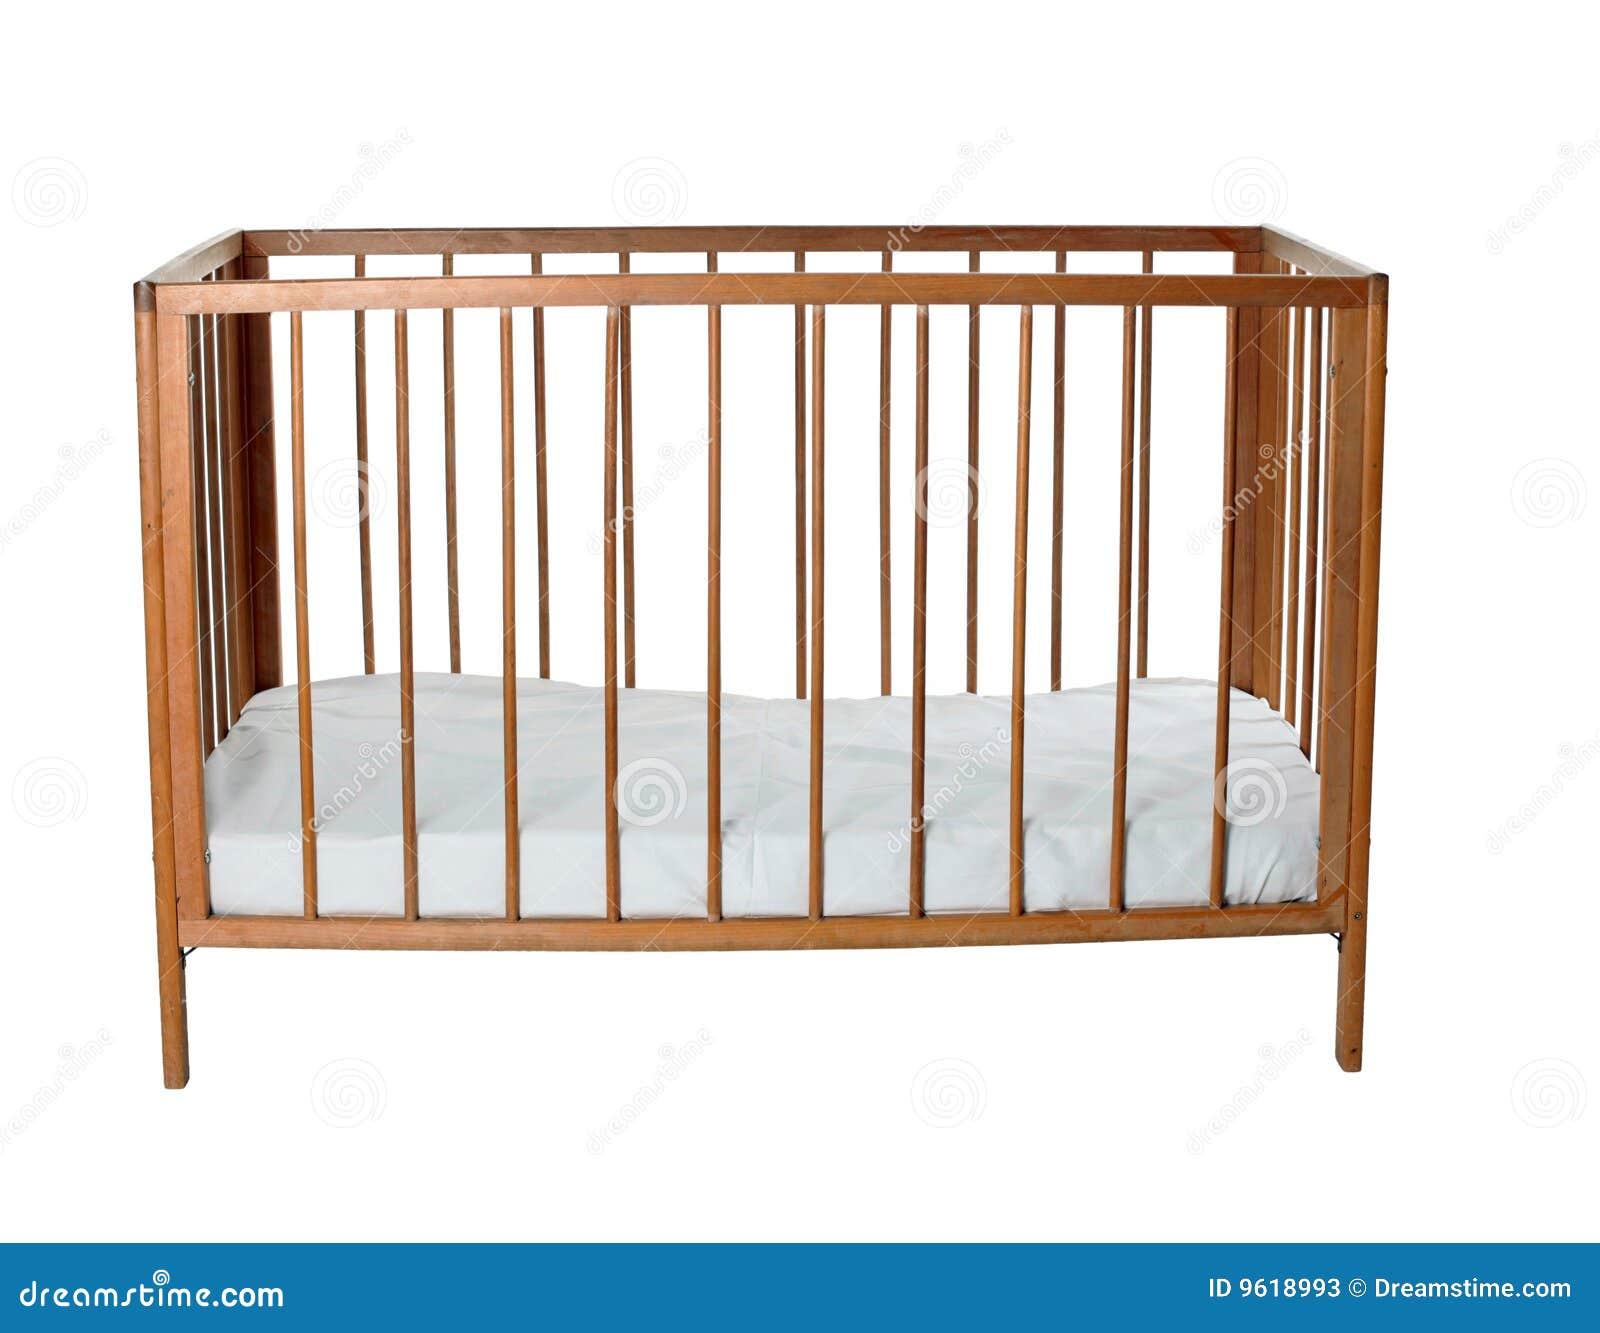 Baby Cradle Wooden Bassinet